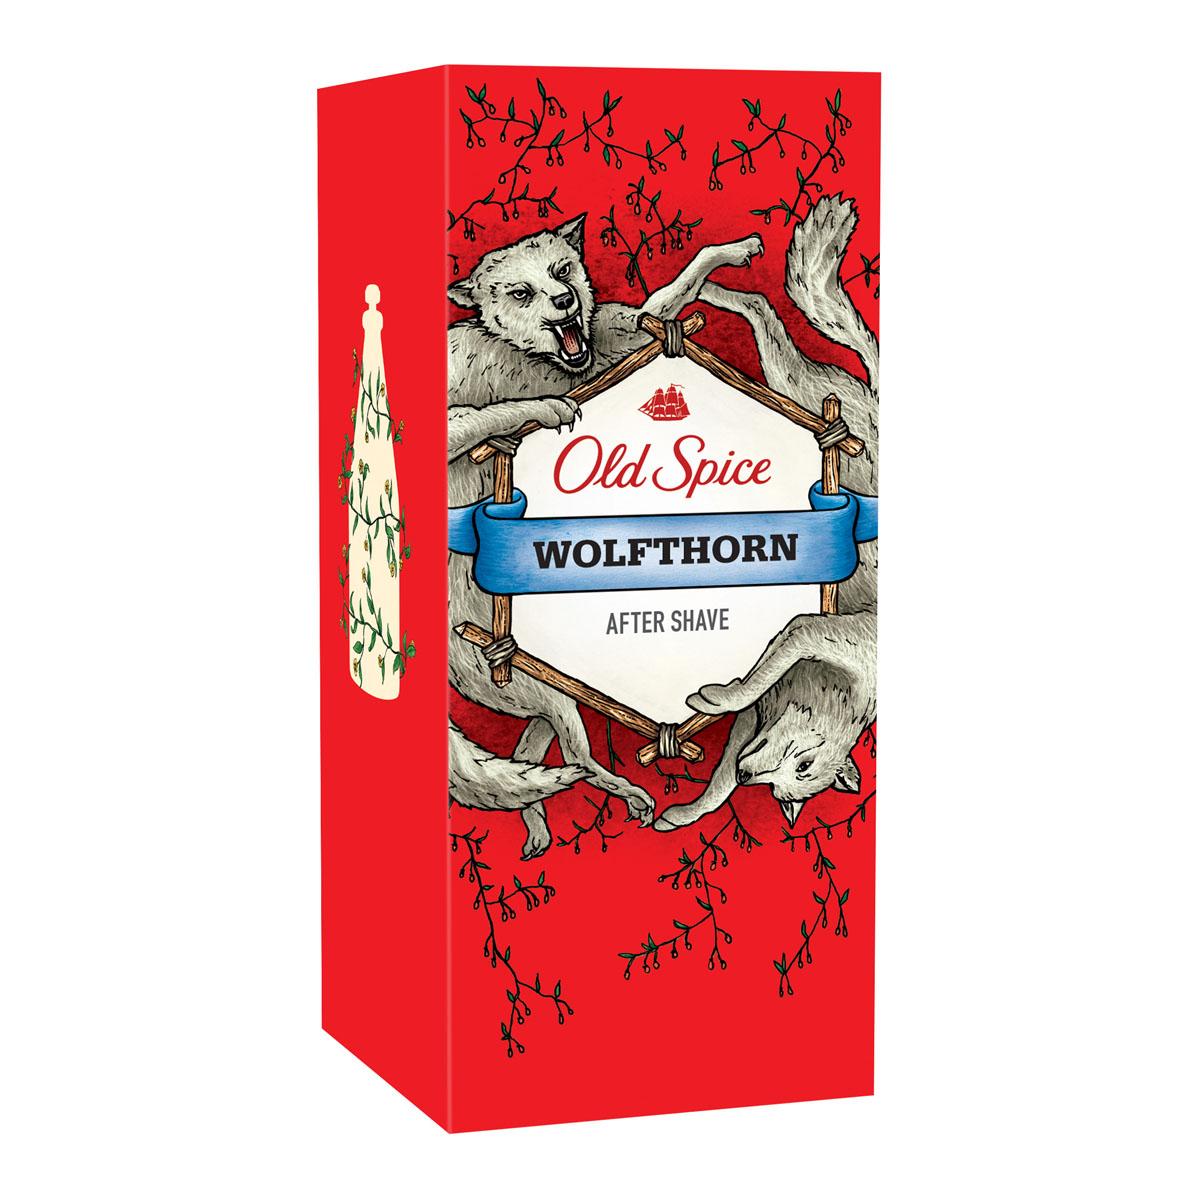 Old Spice Лосьон после бритья Wolfthorn,100мл401960Лосьон после бритья Old Spice Wolfthorn с бодрящим ароматом пробуждает чувства и наполняет ваш день ощущением свежести. Великолепный аромат предназначен только для настоящих мужчин. Пробуди в себе хищника!Old Spice Wolfthorn – это аромат звериного желания и колючей шерсти. Если запах колючей шерсти – это не то, что ты ищешь в аромате, то как насчет этого: Wolfthorn – это аромат нежных поцелуев бабочек и таинственного леденящего взгляда, от которого даже по спинам эскимосов бегут мурашки.- Внимание! Когда ты умываешься лосьоном после бритья Old Spice ты можешь внезапно пробудить воспоминания о катании на водных лыжах на голубых океанских волнах за минуту до того, как соберёшься выпить коктейль на яхте рядом с прекрасной девушкой, любуясь закатом.Характеристики:Объем: 100 мл. Производитель: Германия. Товар сертифицирован.